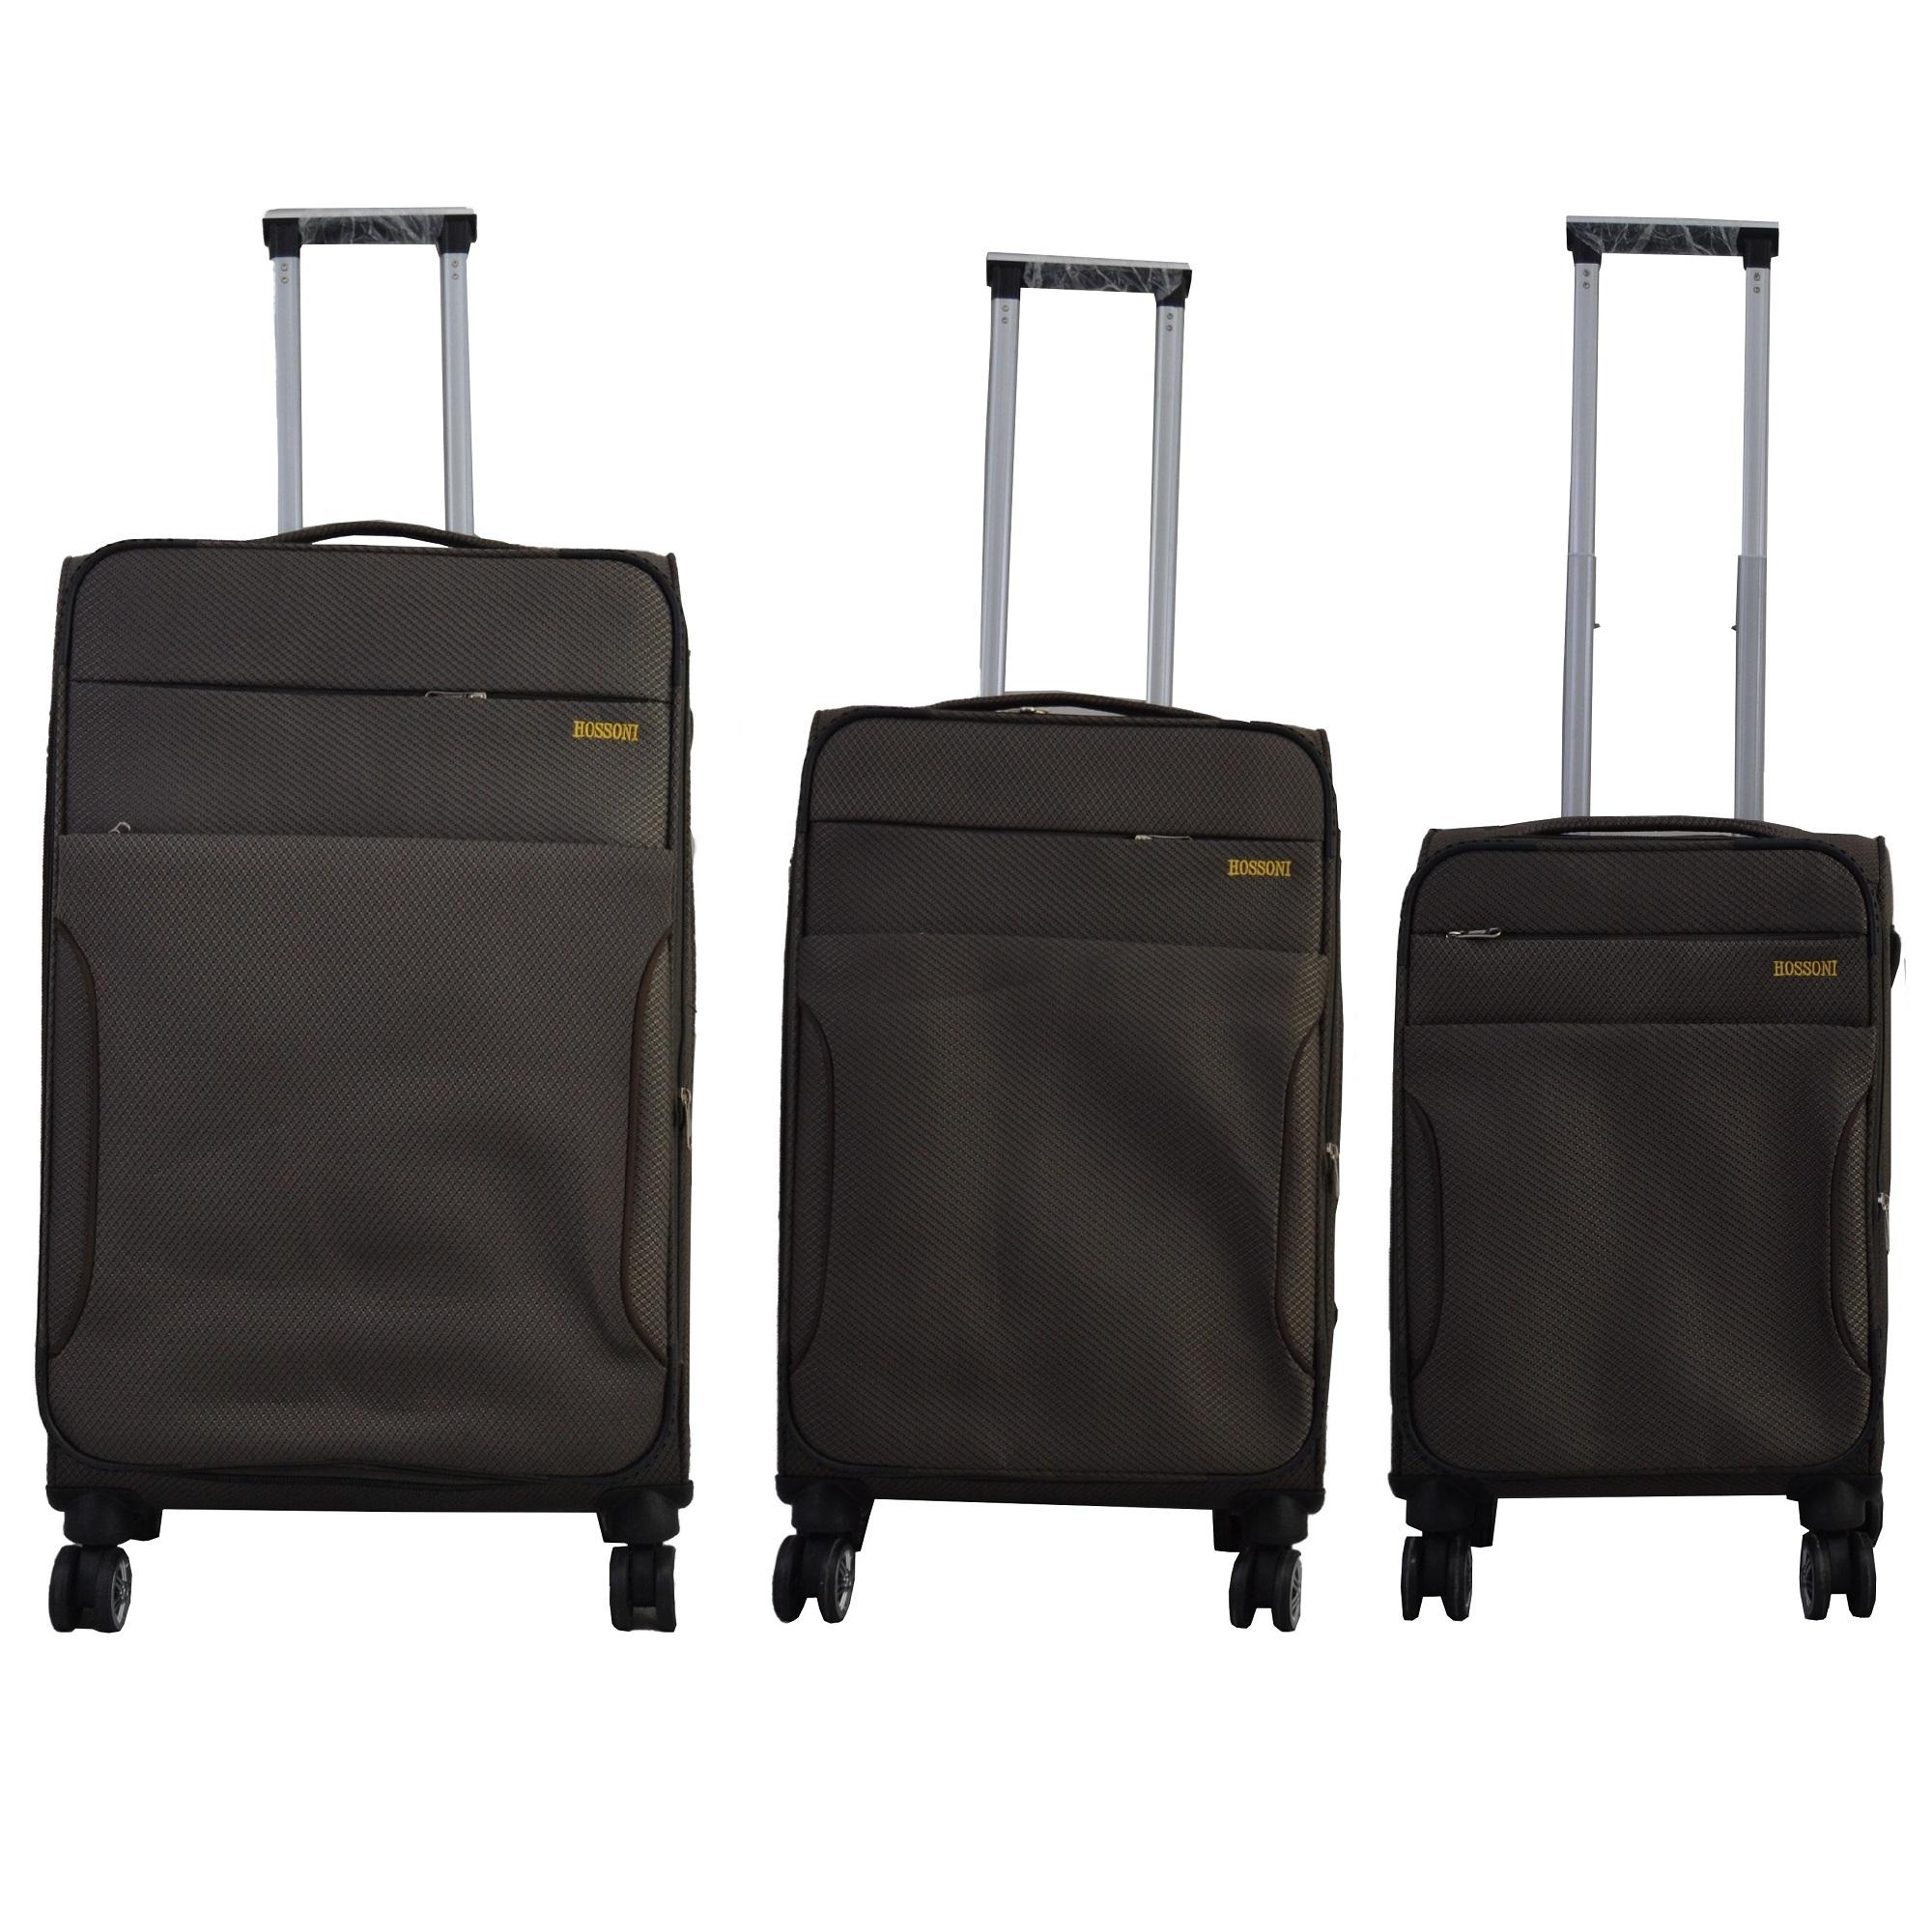 مجموعه سه عددی چمدان هازونی کد 023